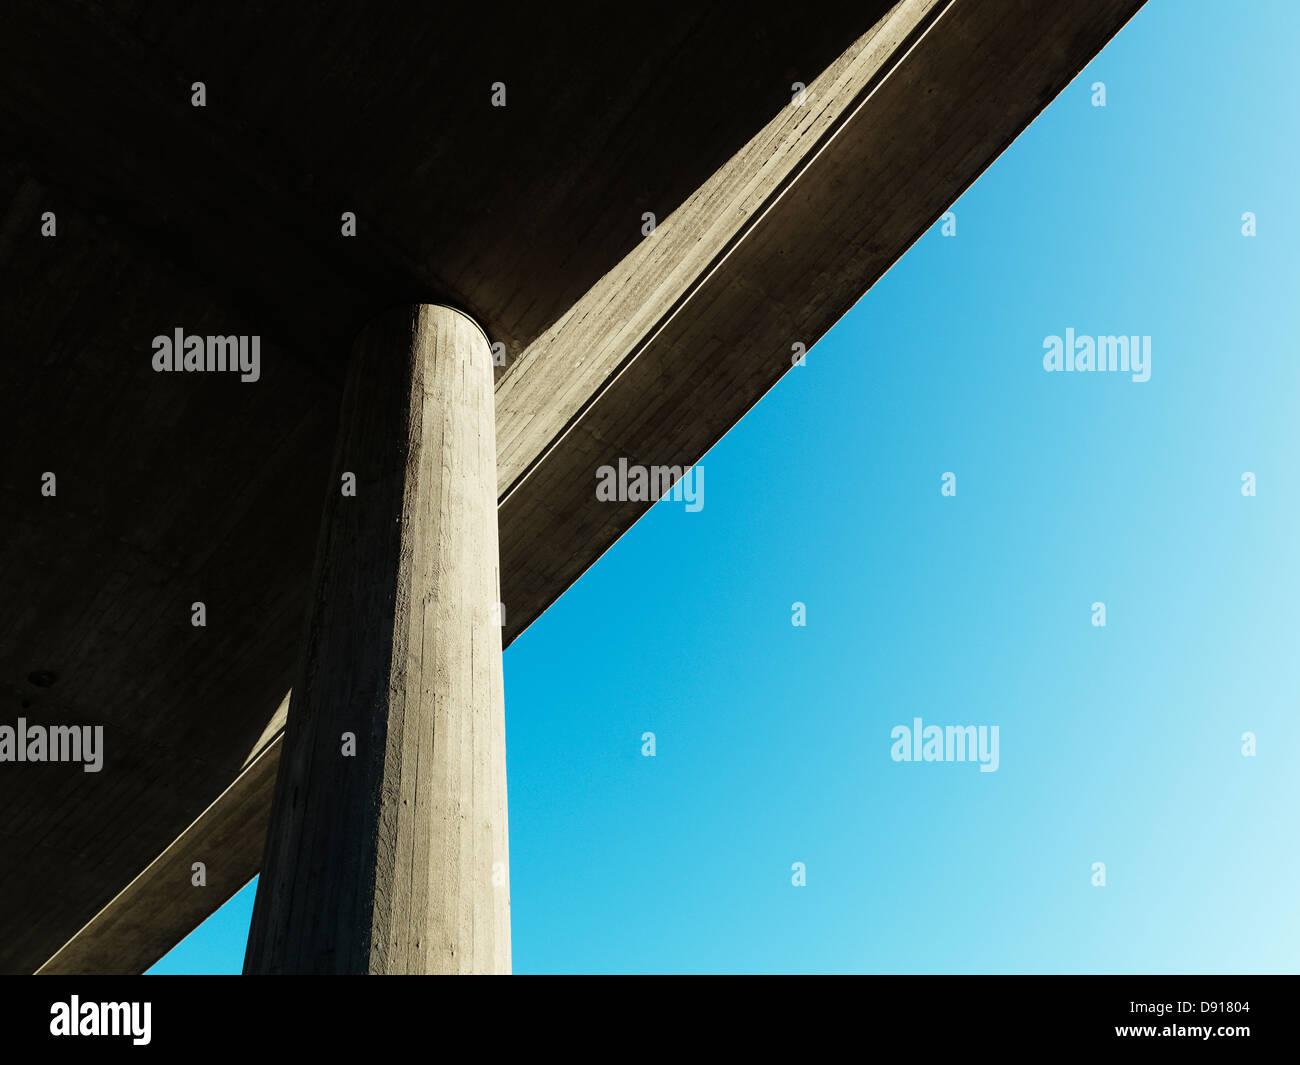 Un bridge visto dal di sotto, Svezia. Immagini Stock